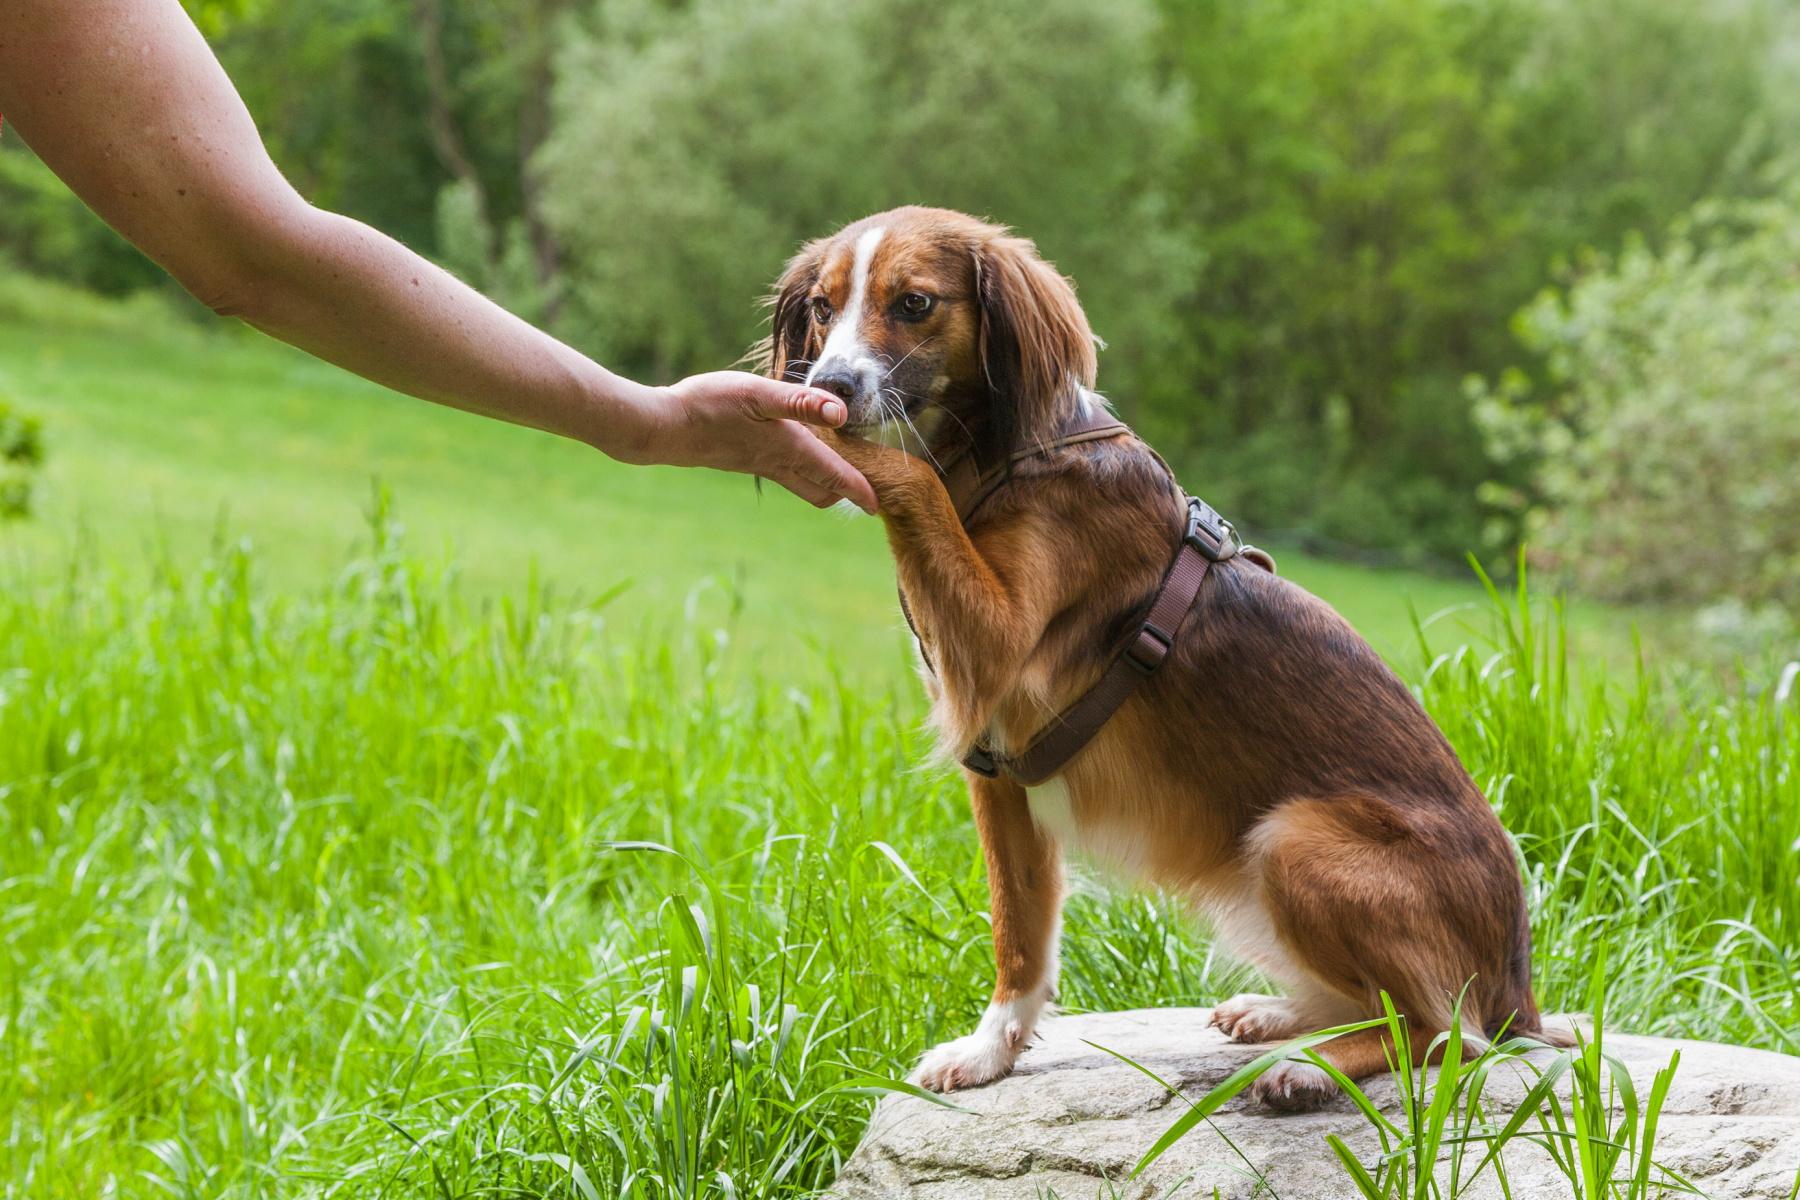 Ein kleiner Hund sitzt auf einem Stein auf einer Wiese und legt seinem Besitzer die Pfote in die Hand